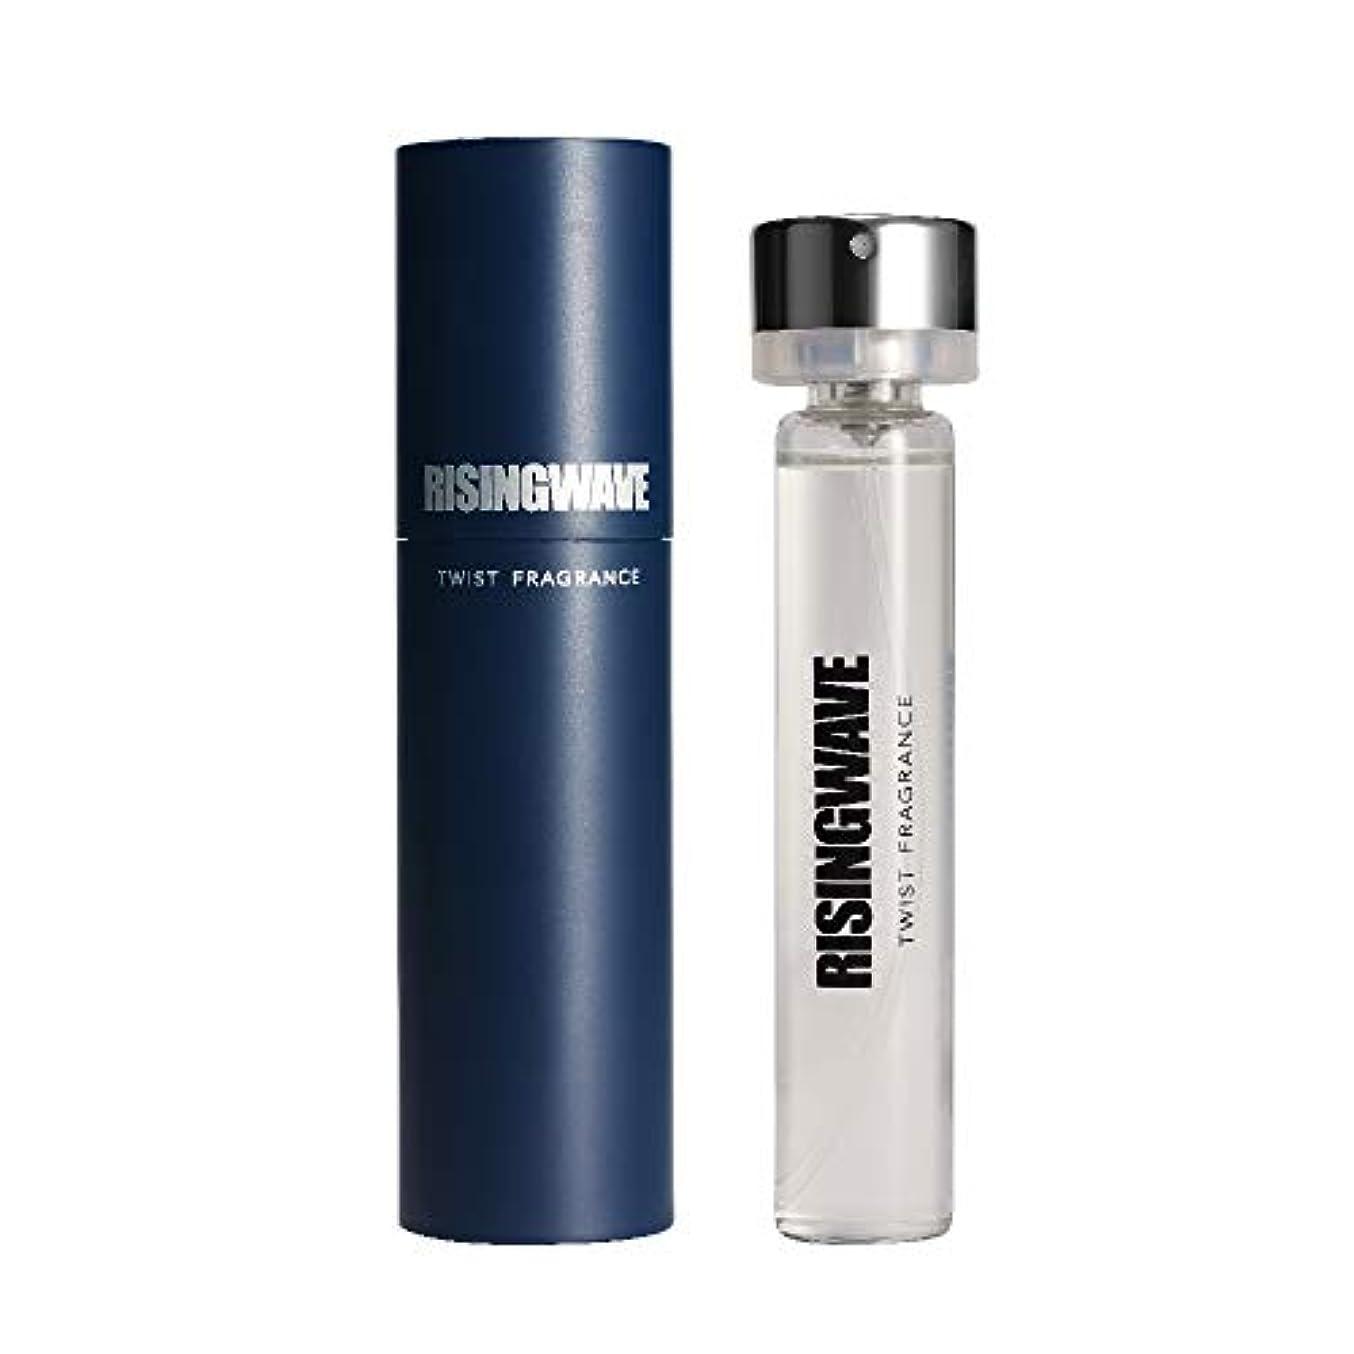 耐えられないモンキー中性RISINGWAVE(ライジングウェーブ) ライジングウェーブ ツイストフレグランス(トランスオーシャン サージブルー) 携帯ケース+詰め替え用ボトル20ml